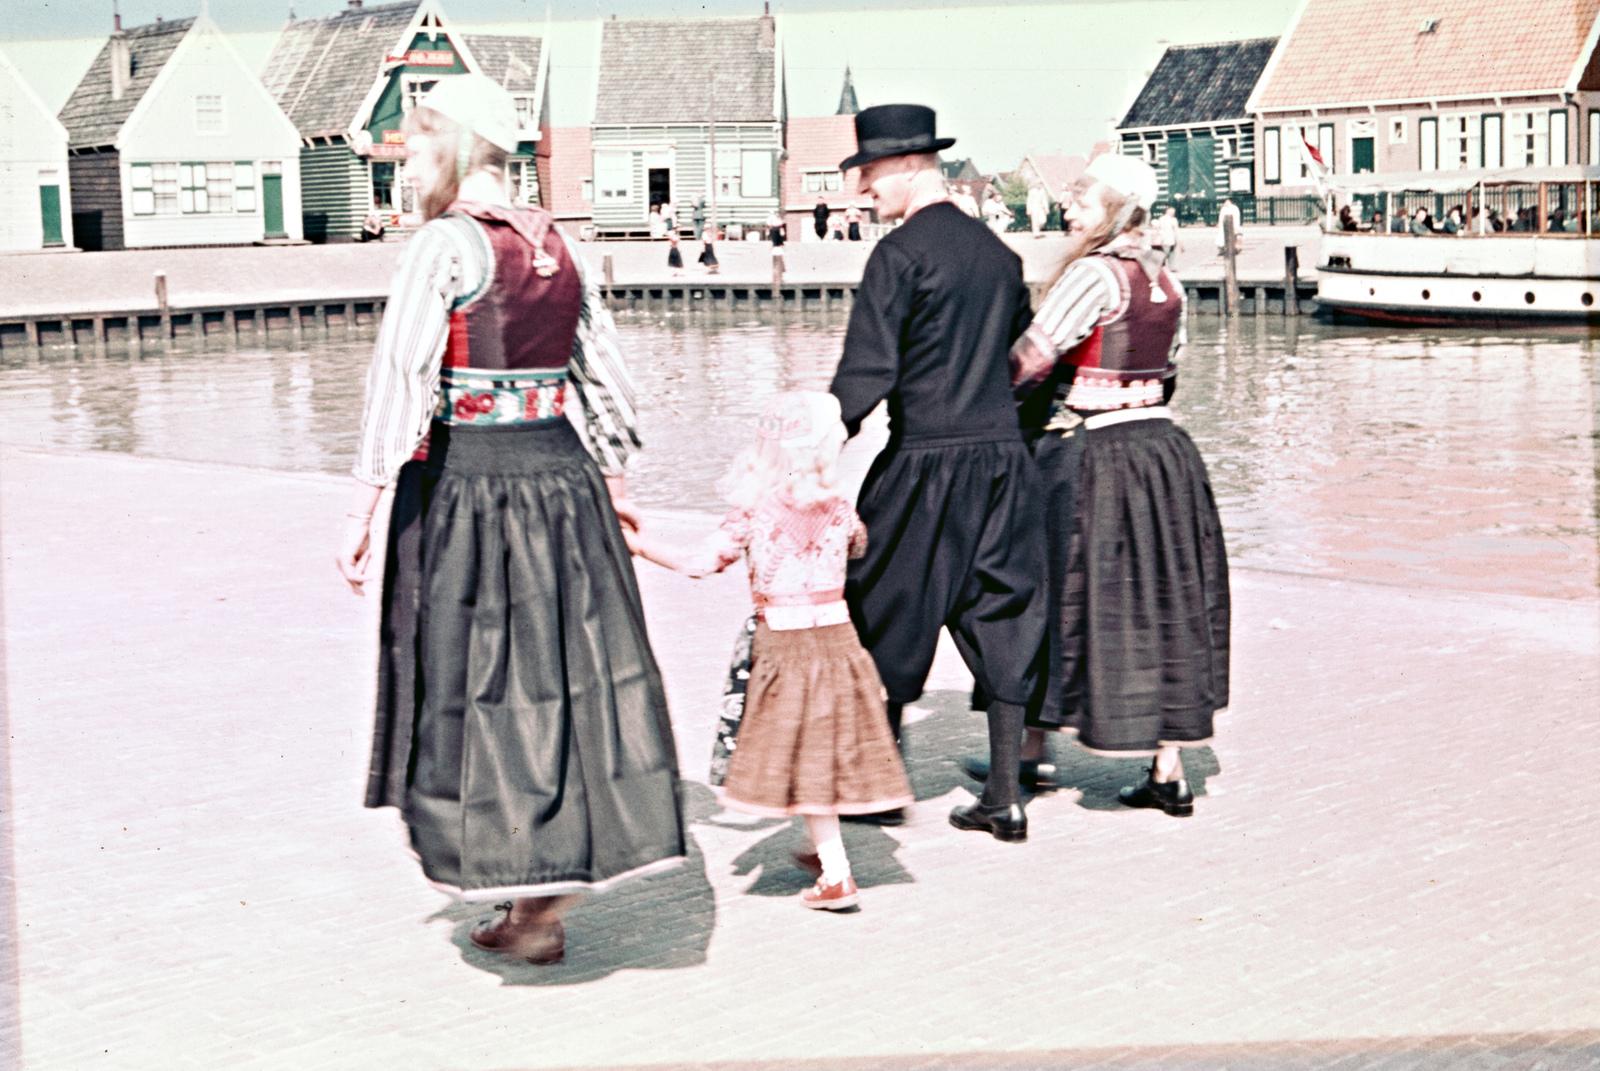 Drie volwassen en een kind in dracht bij de haven